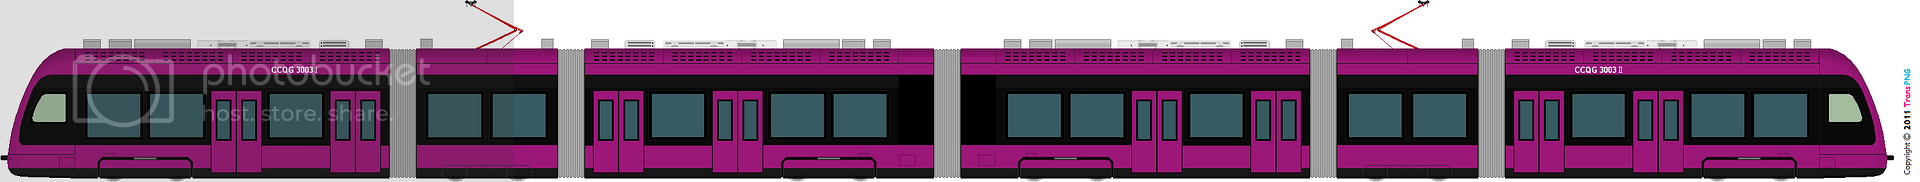 [5321] 長春市軌道交通 2321